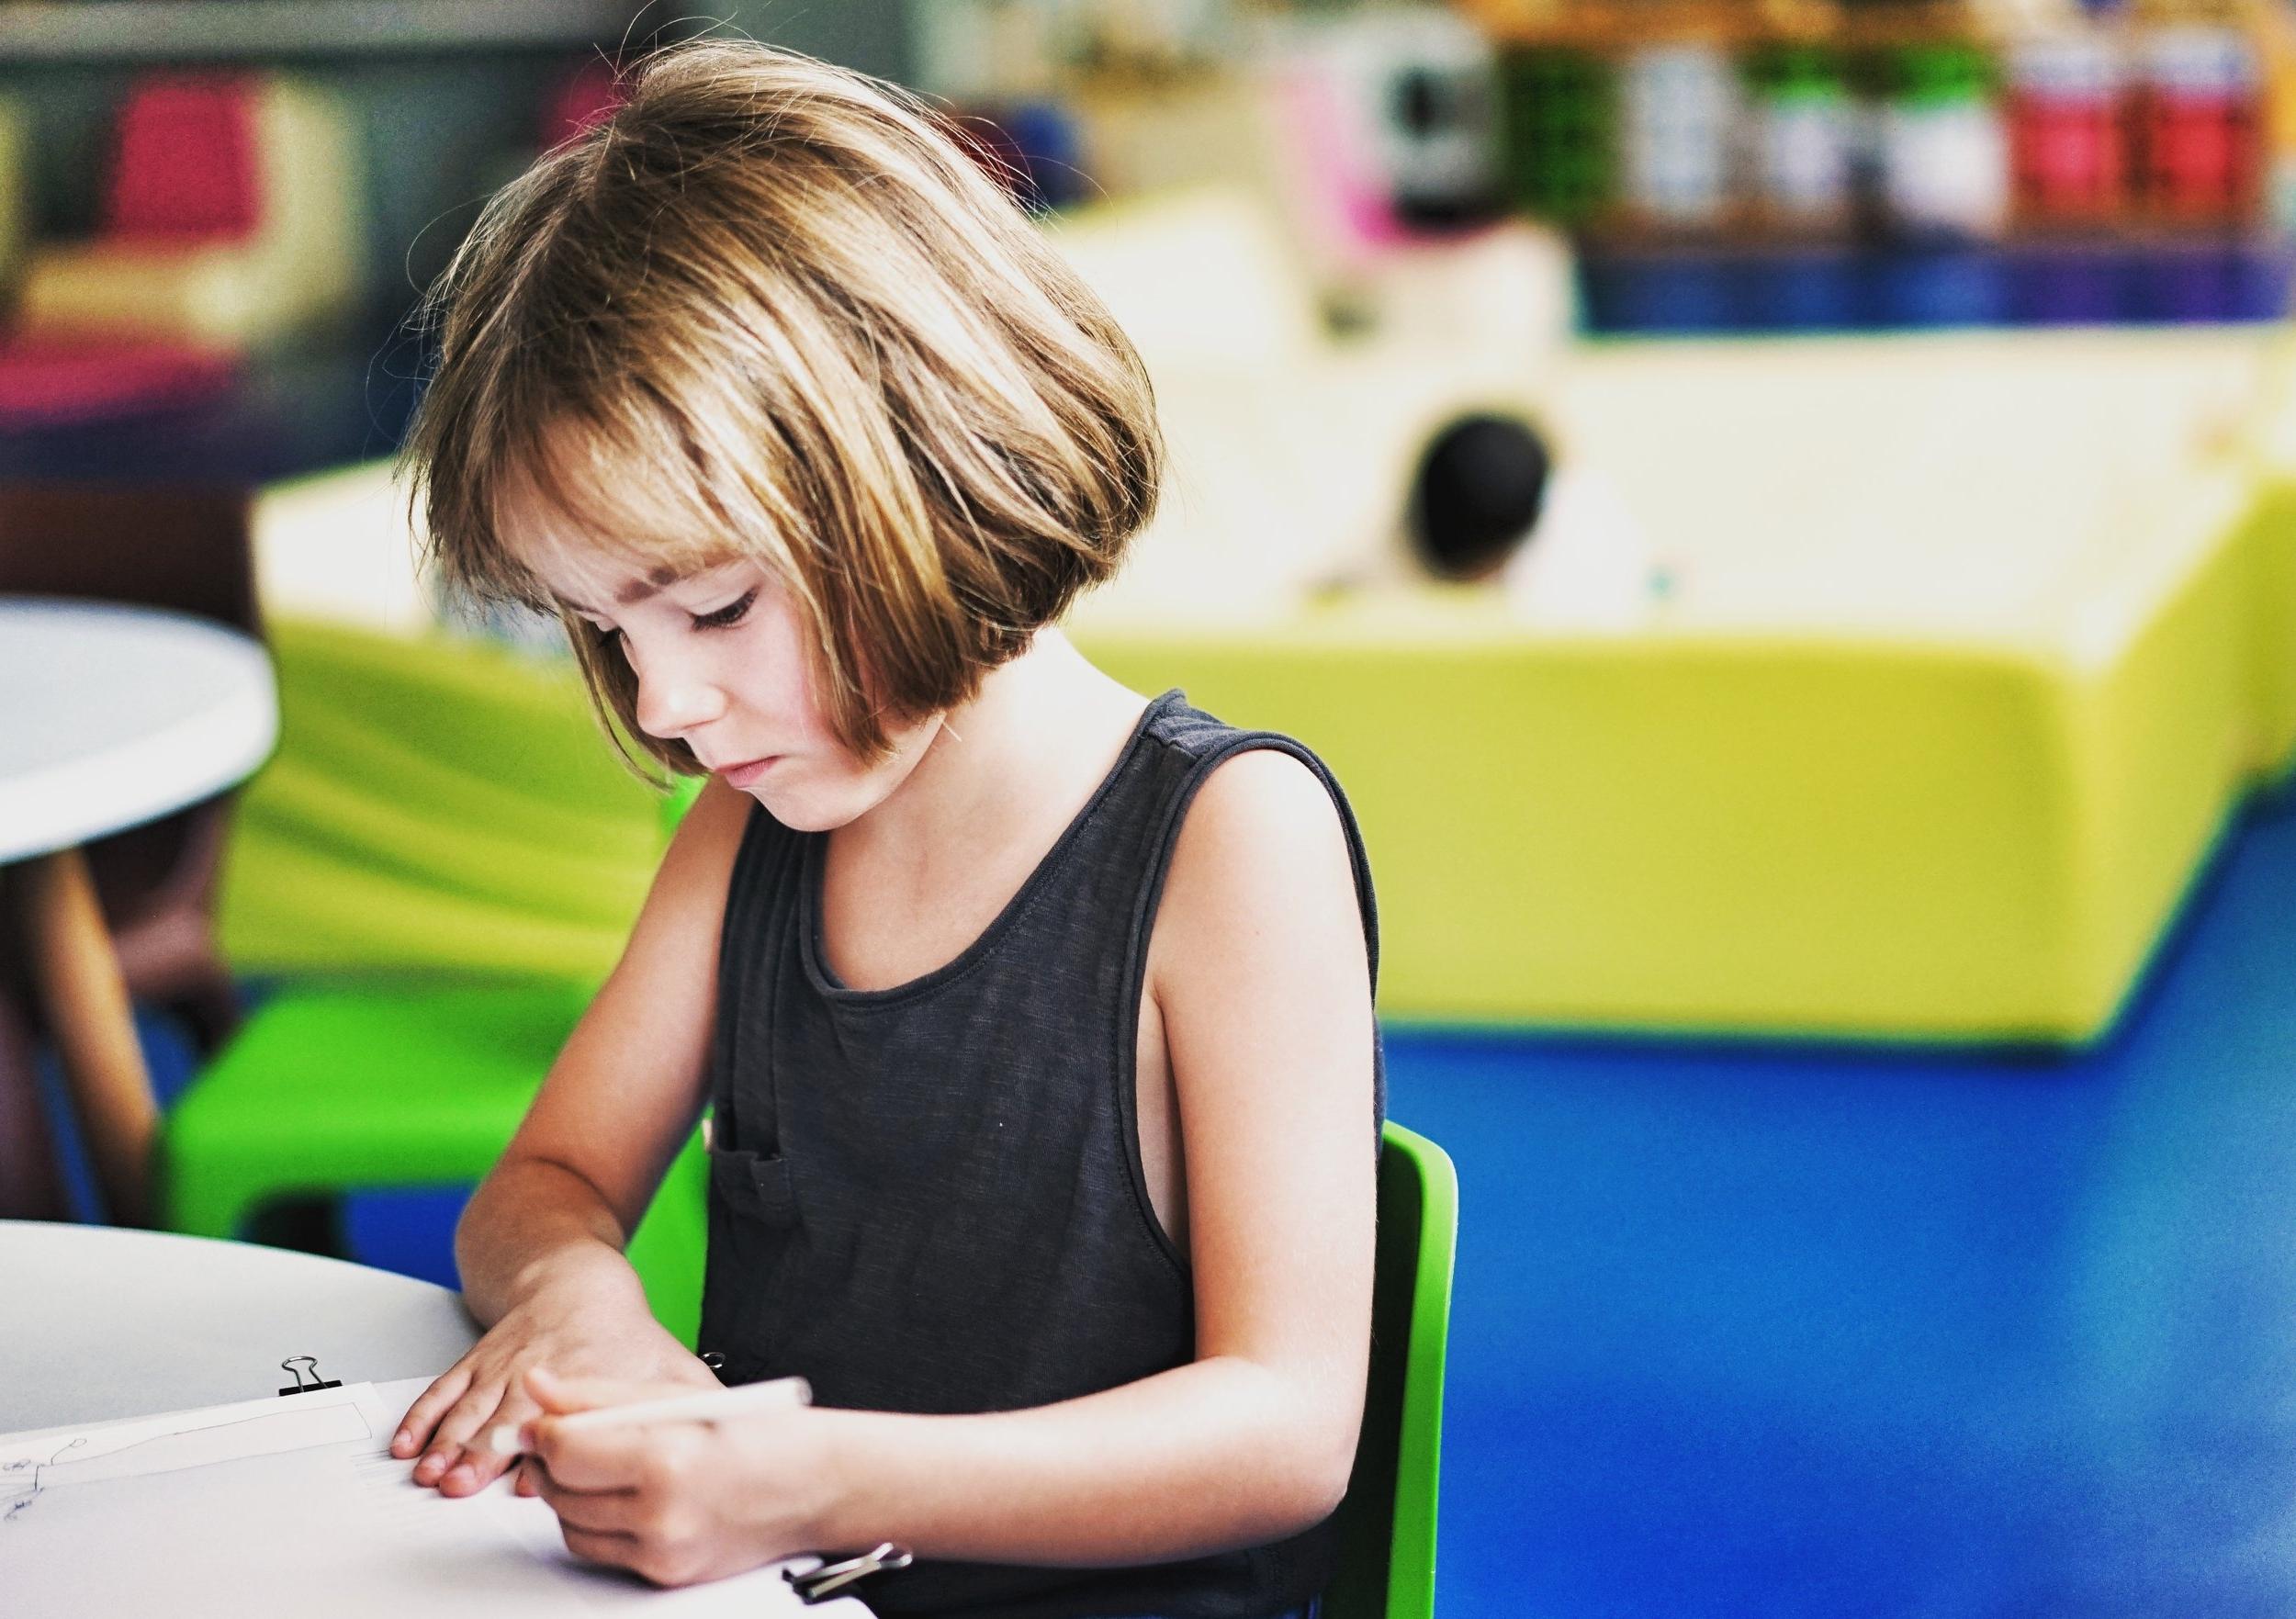 Proyecto educativo - Ser un referente educativo de calidad